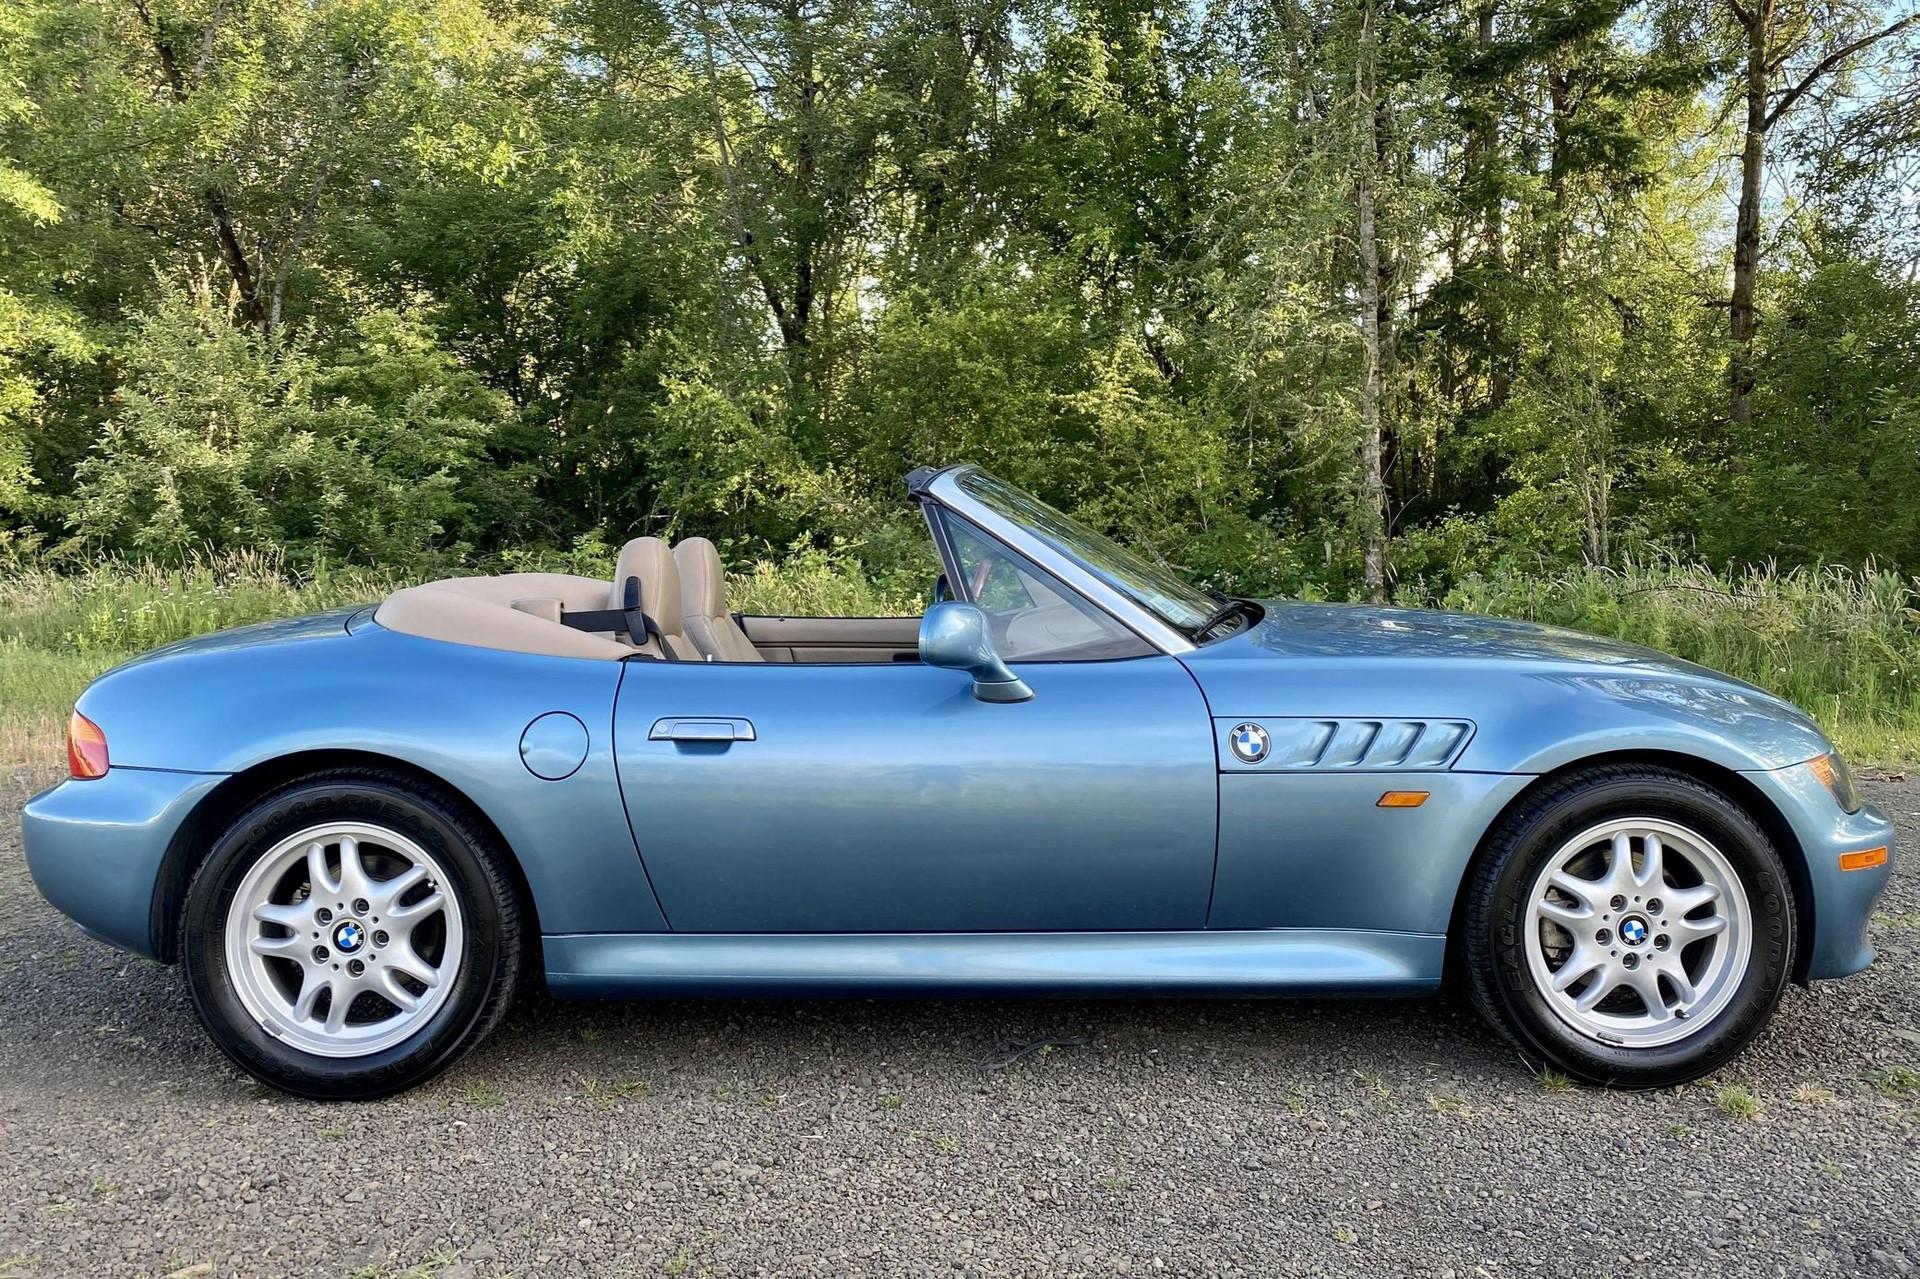 1996_BMW_Z3_James_Bond_Edition_sale-0000